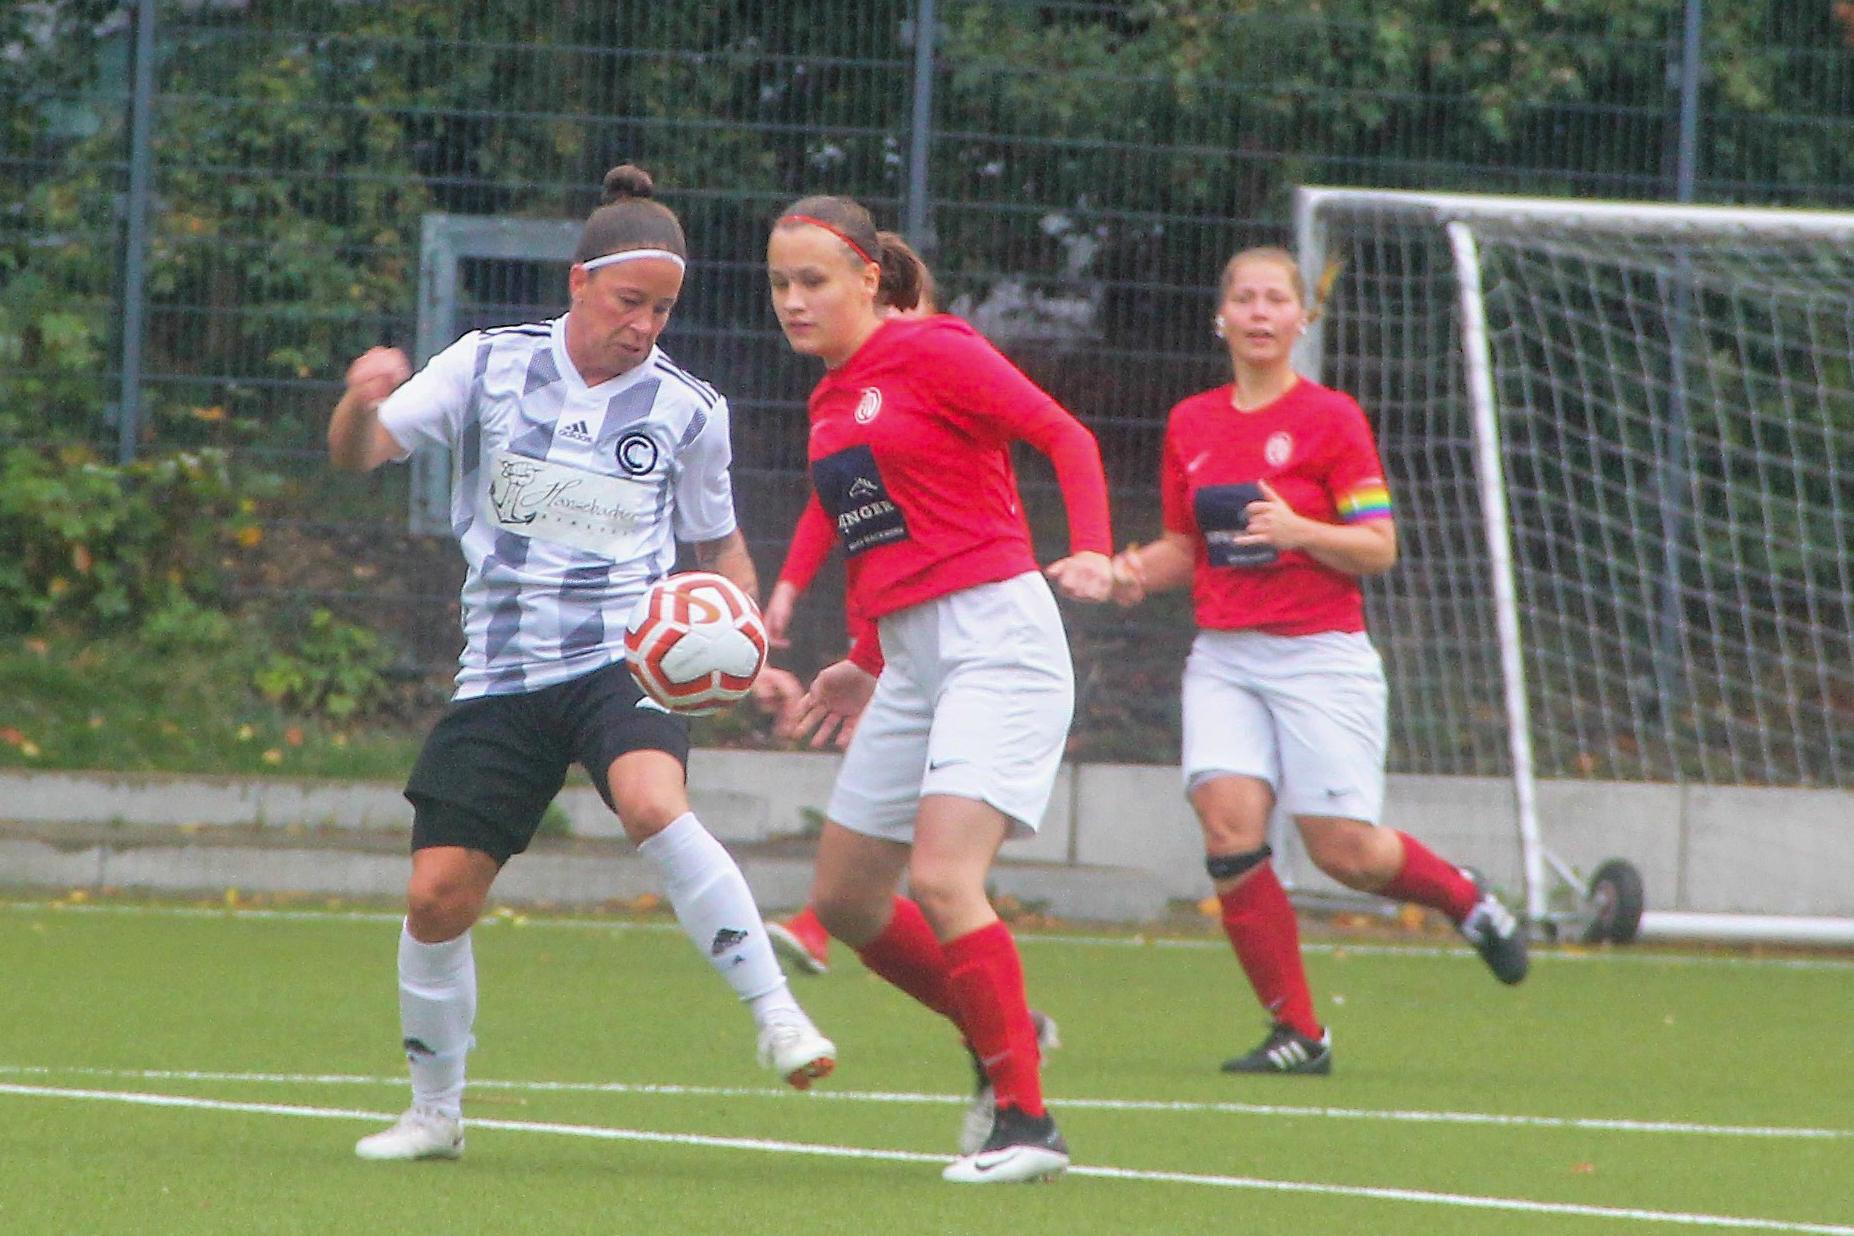 Erfolgreicher Ligaauftakt für die Frauen – 3 Spiele, 3 Siege, kein Gegentor